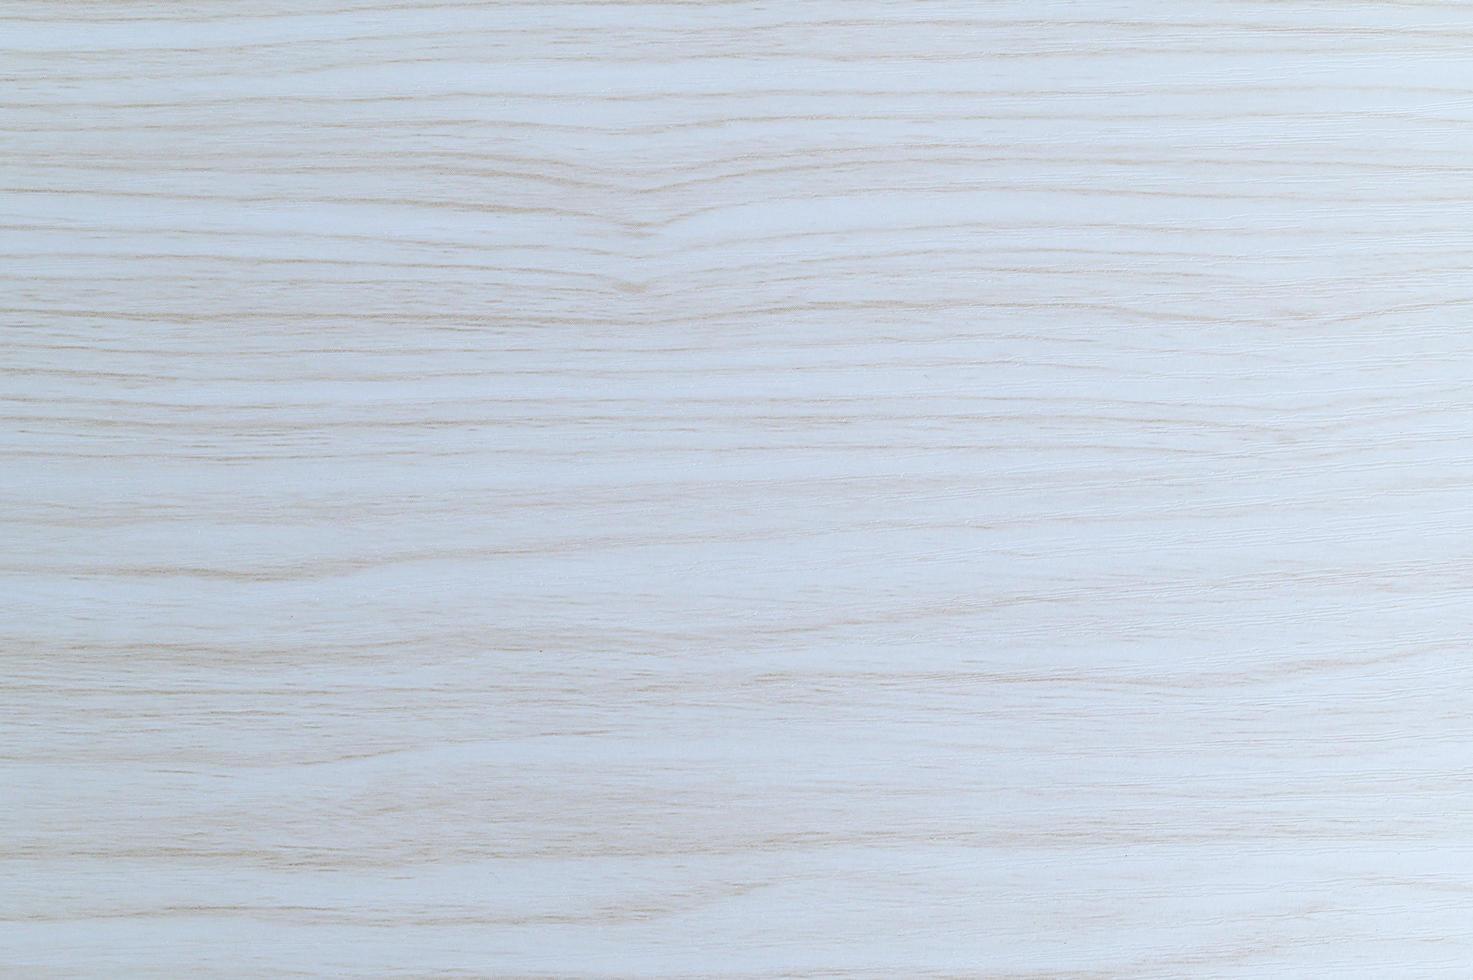 hellbrauner und weißer Holzboden foto